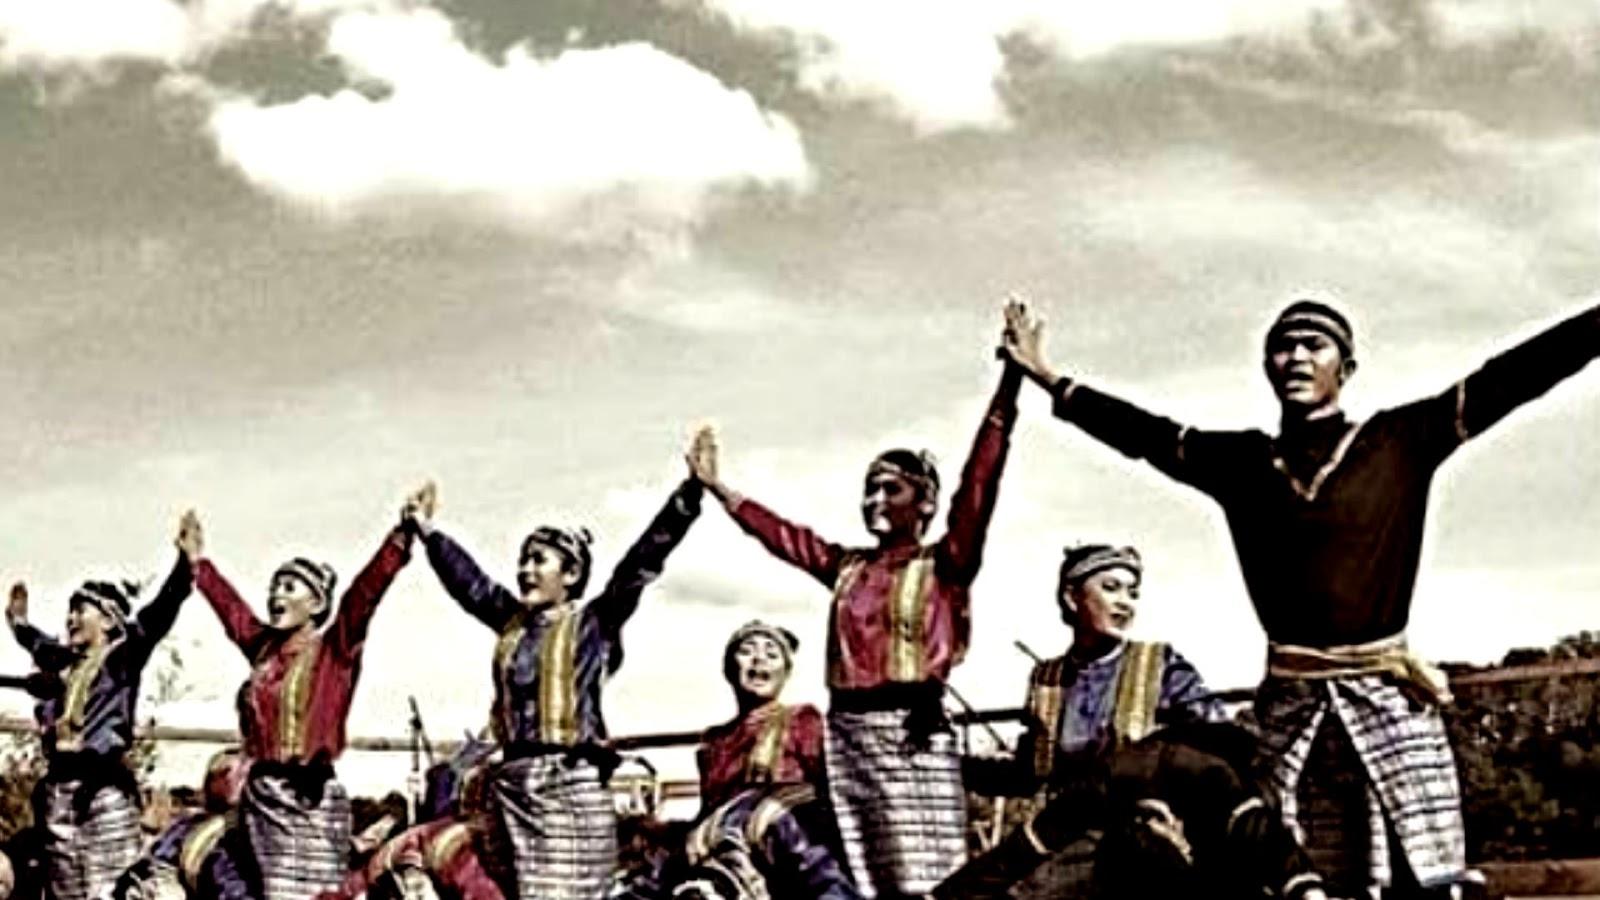 Asal Usul Tari Saman Aceh Beserta Gambar Wallpaper Dan Video